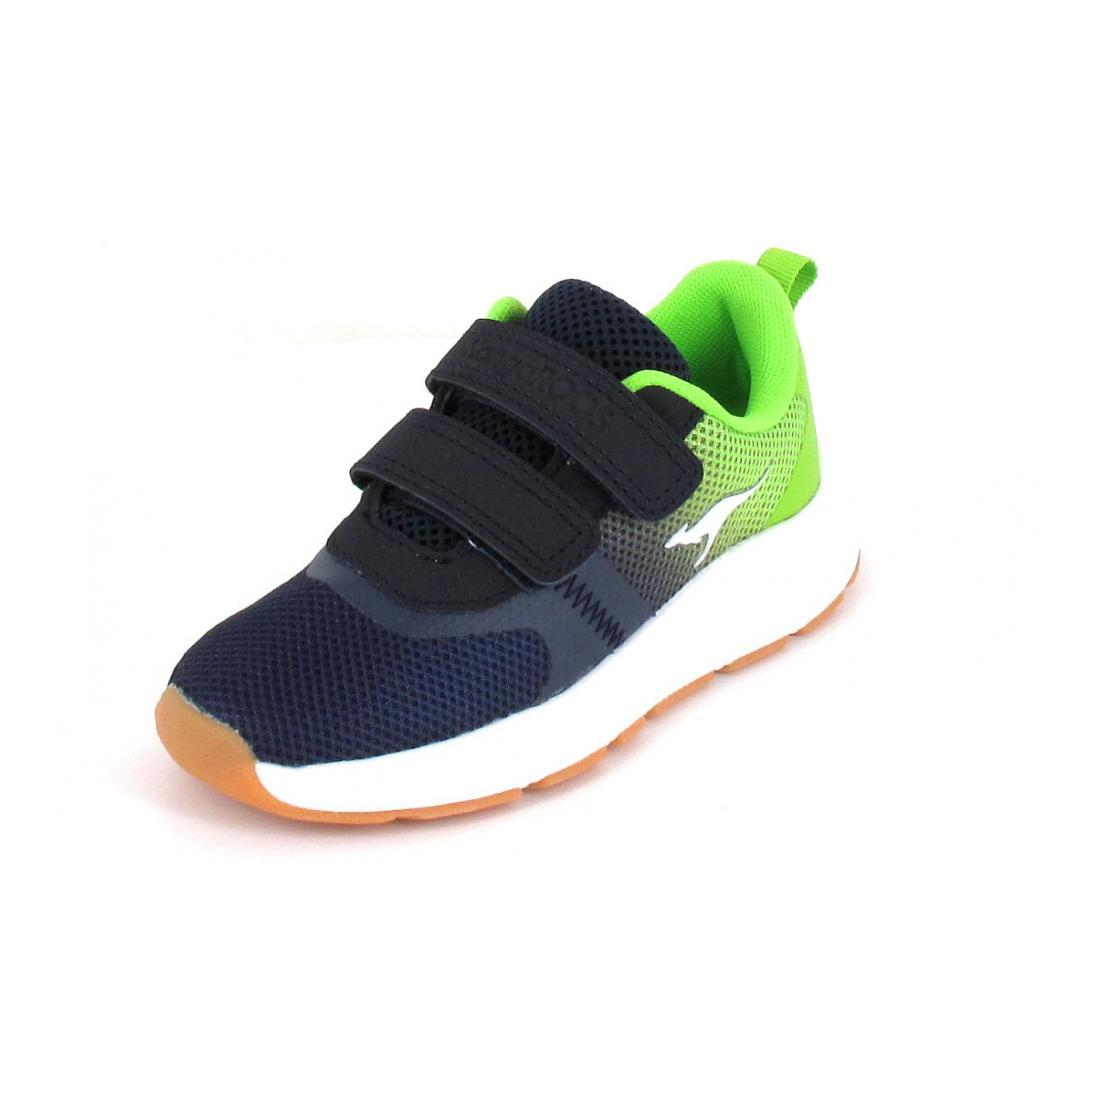 KangaRoos Sneaker KB-Agil V